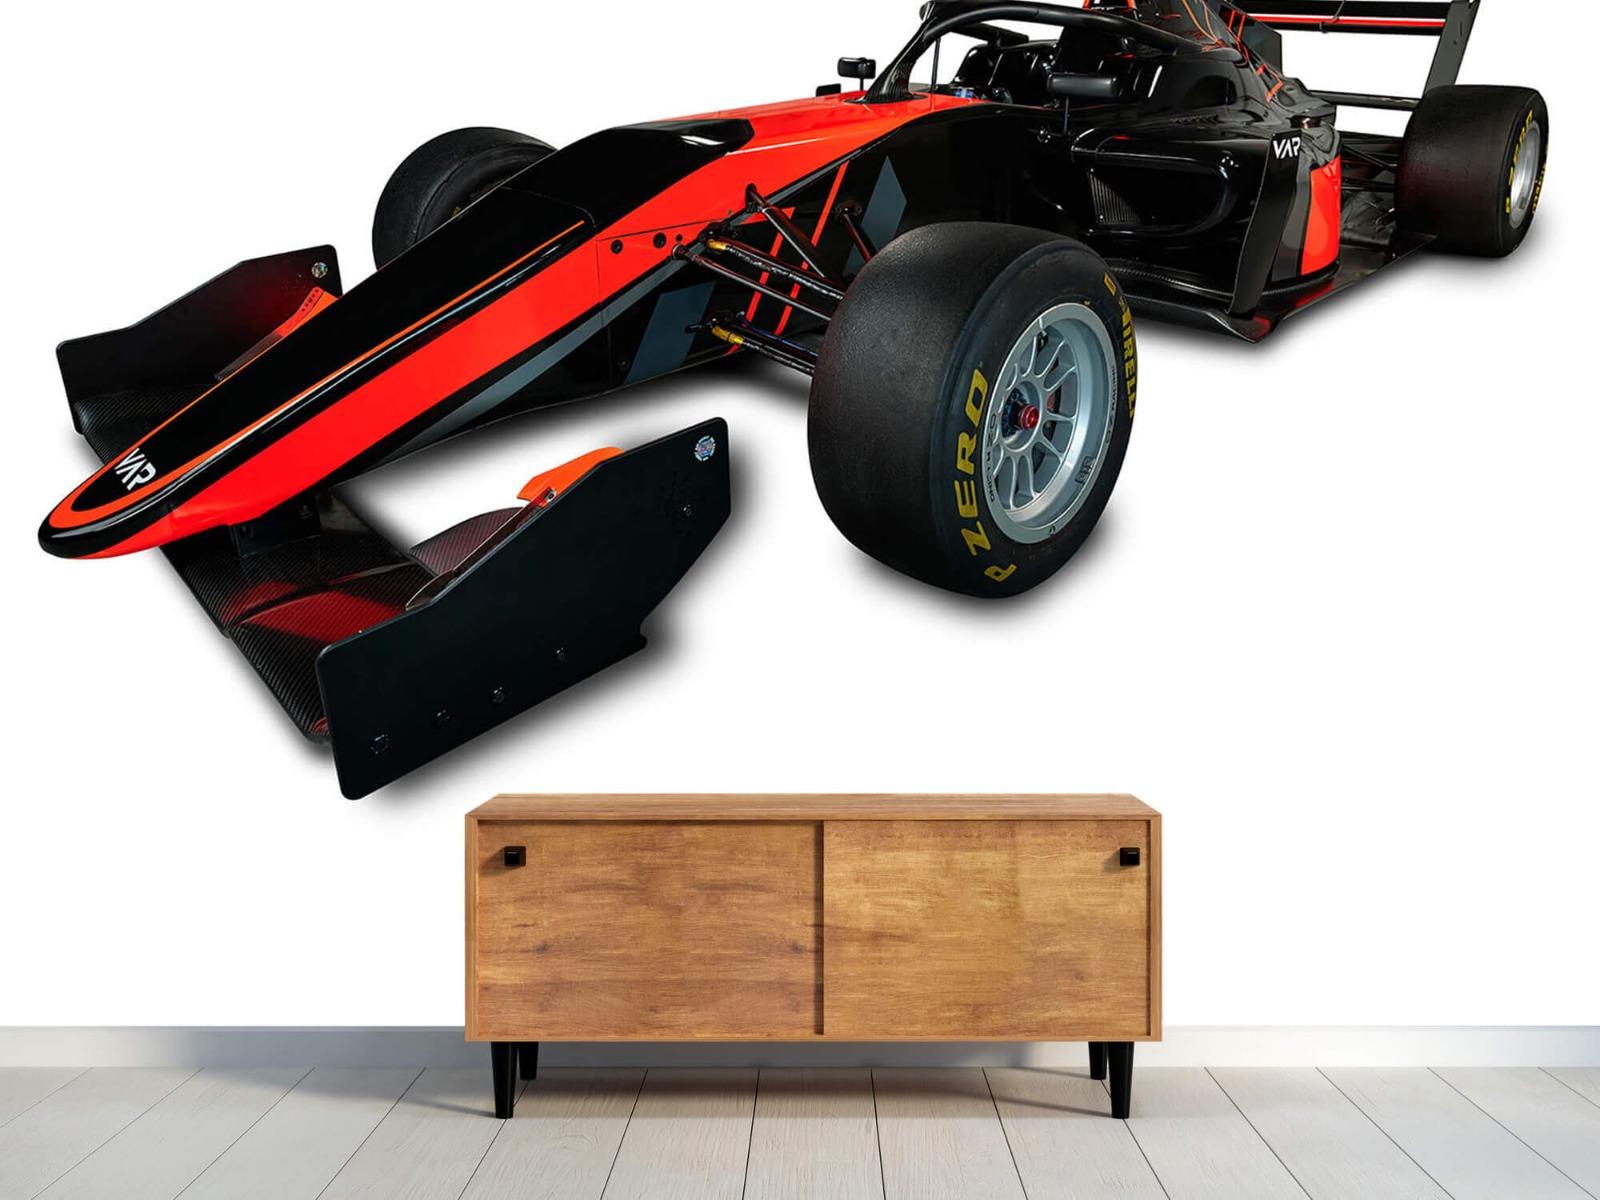 Sportauto's - Formule 3 - Left front view - Tienerkamer 9